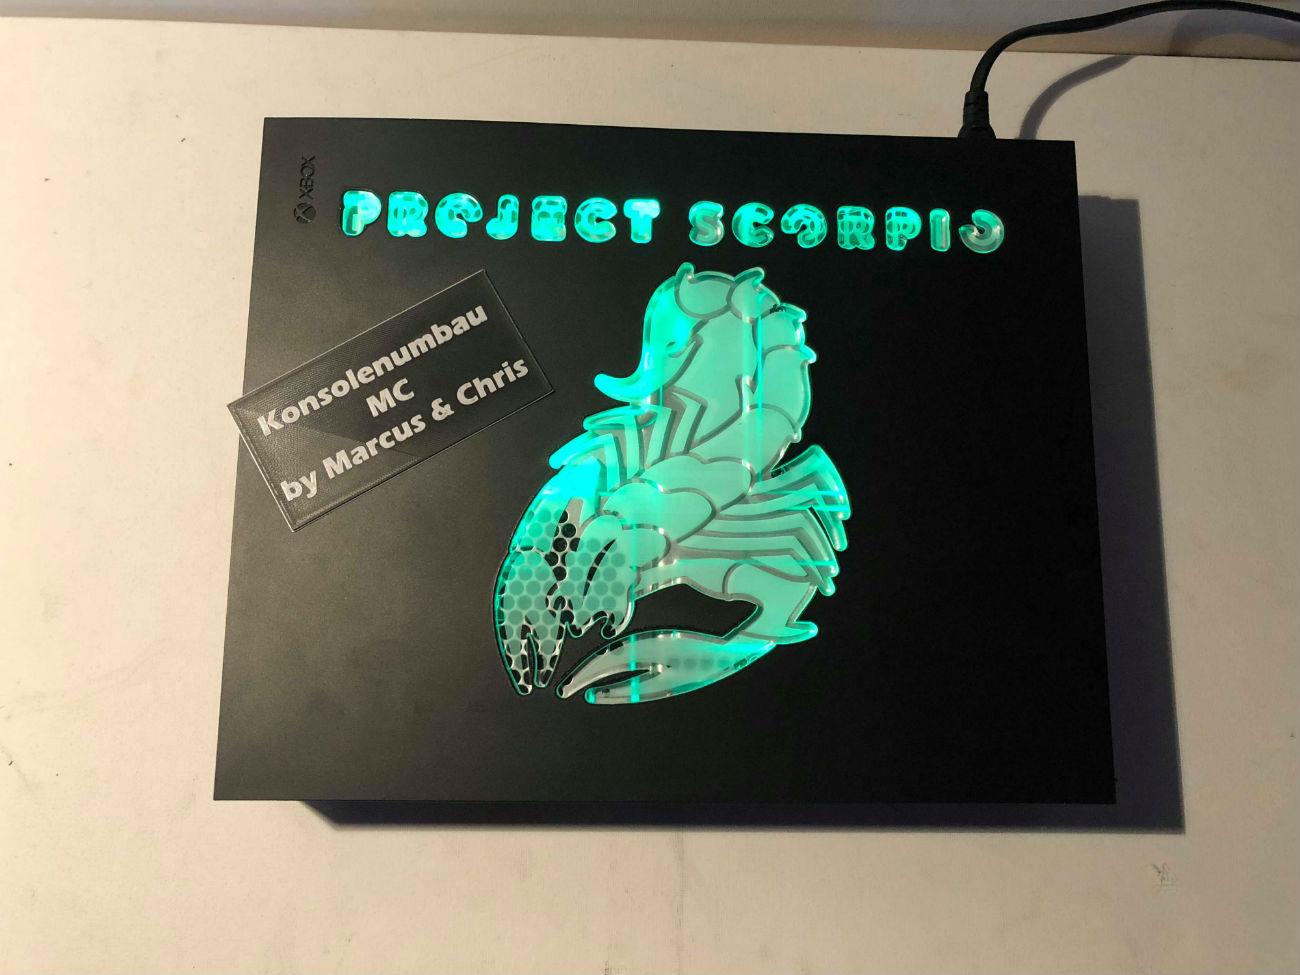 Xbox One X: Project Scorpio Acryl-Glas Mod